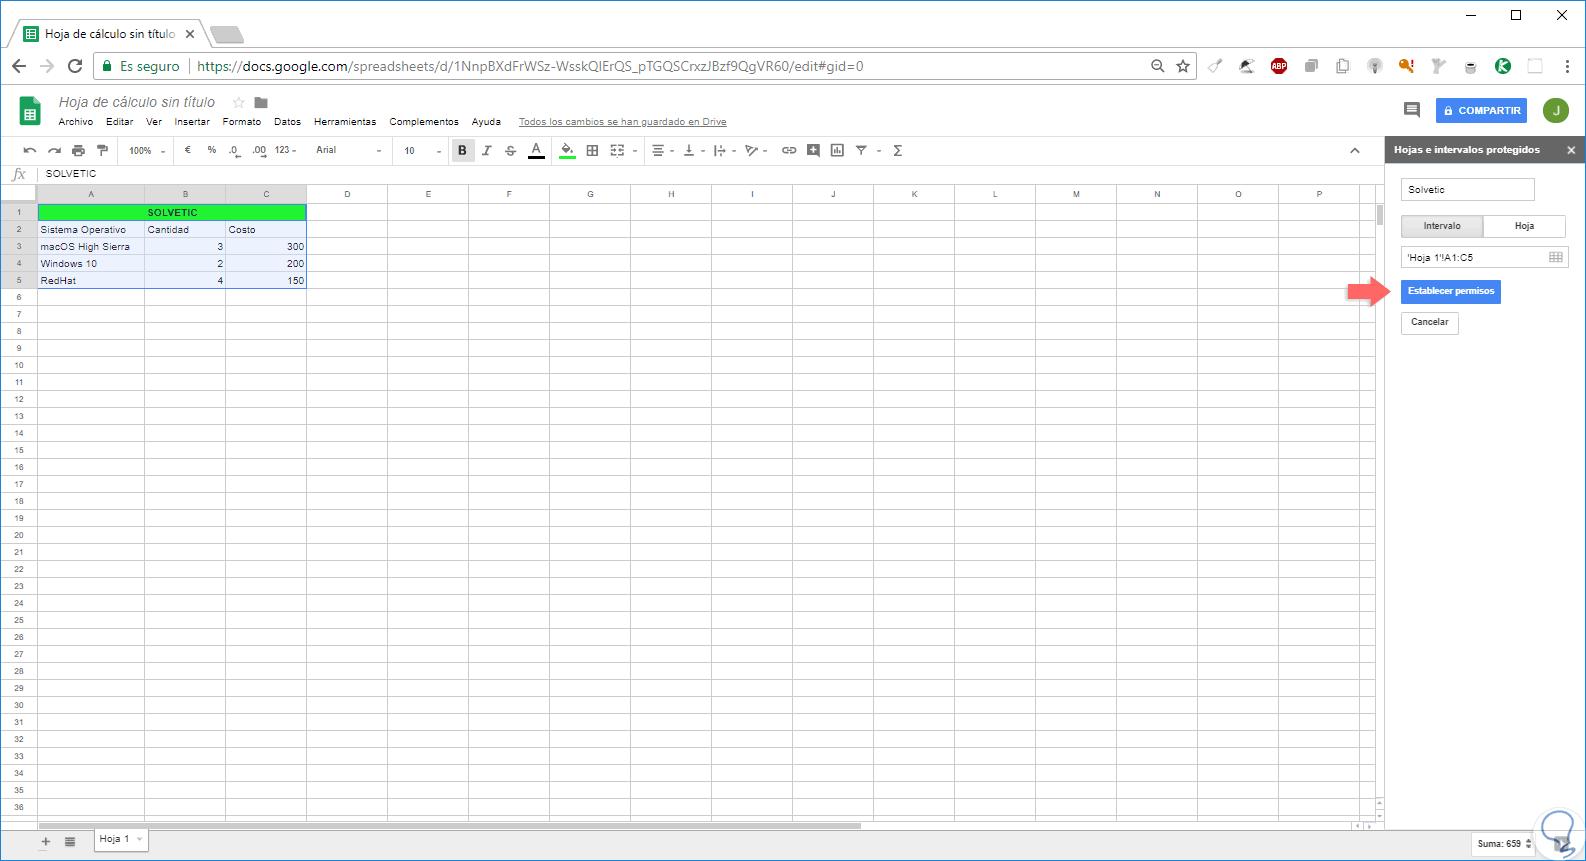 Cómo bloquear celdas en hoja de cálculo Google Docs - Solvetic